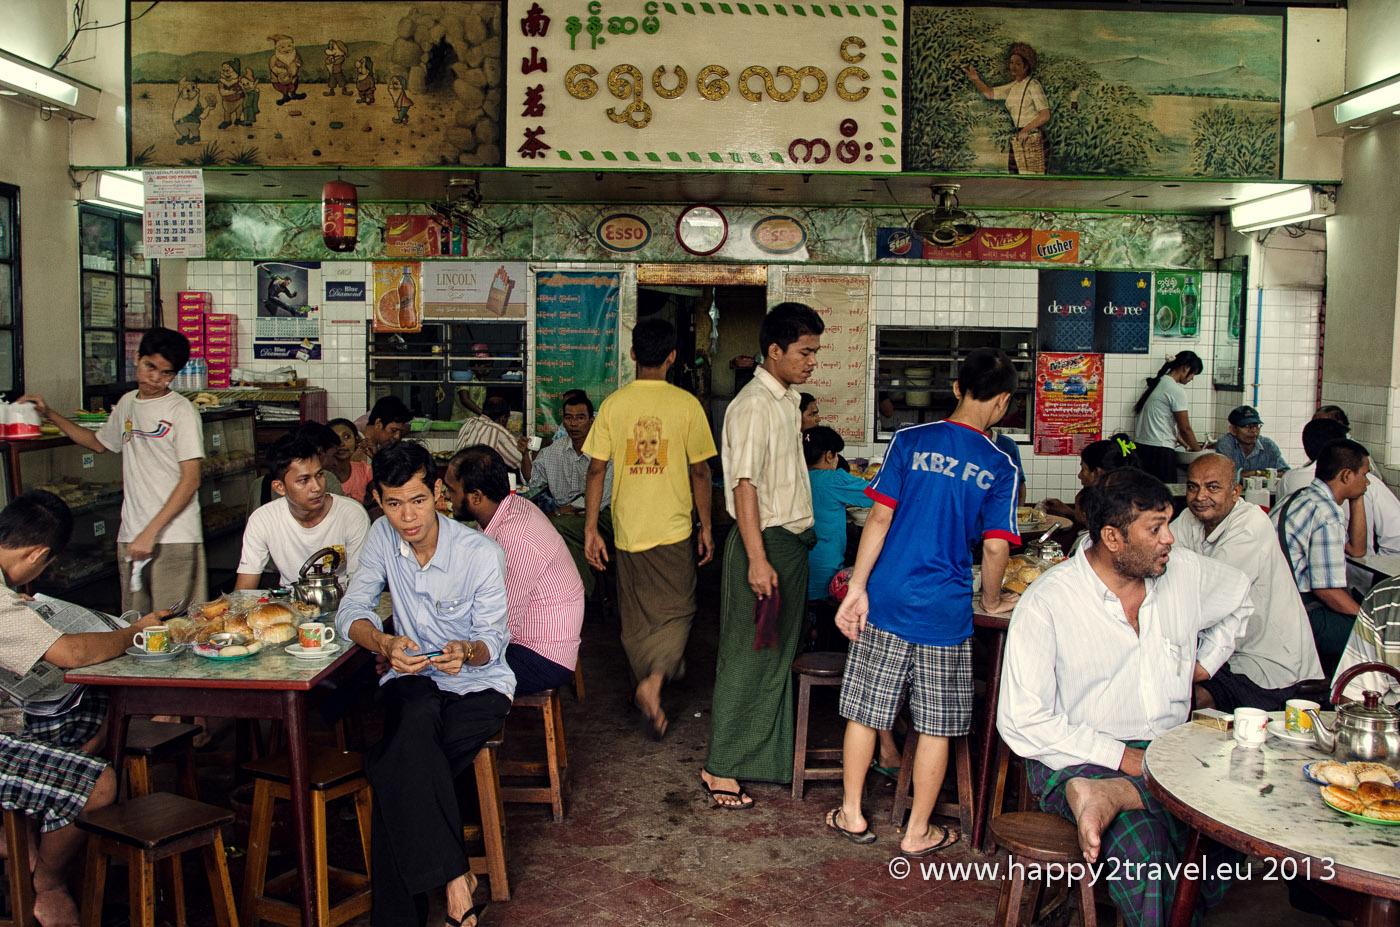 Tradičná barmská čajovňa